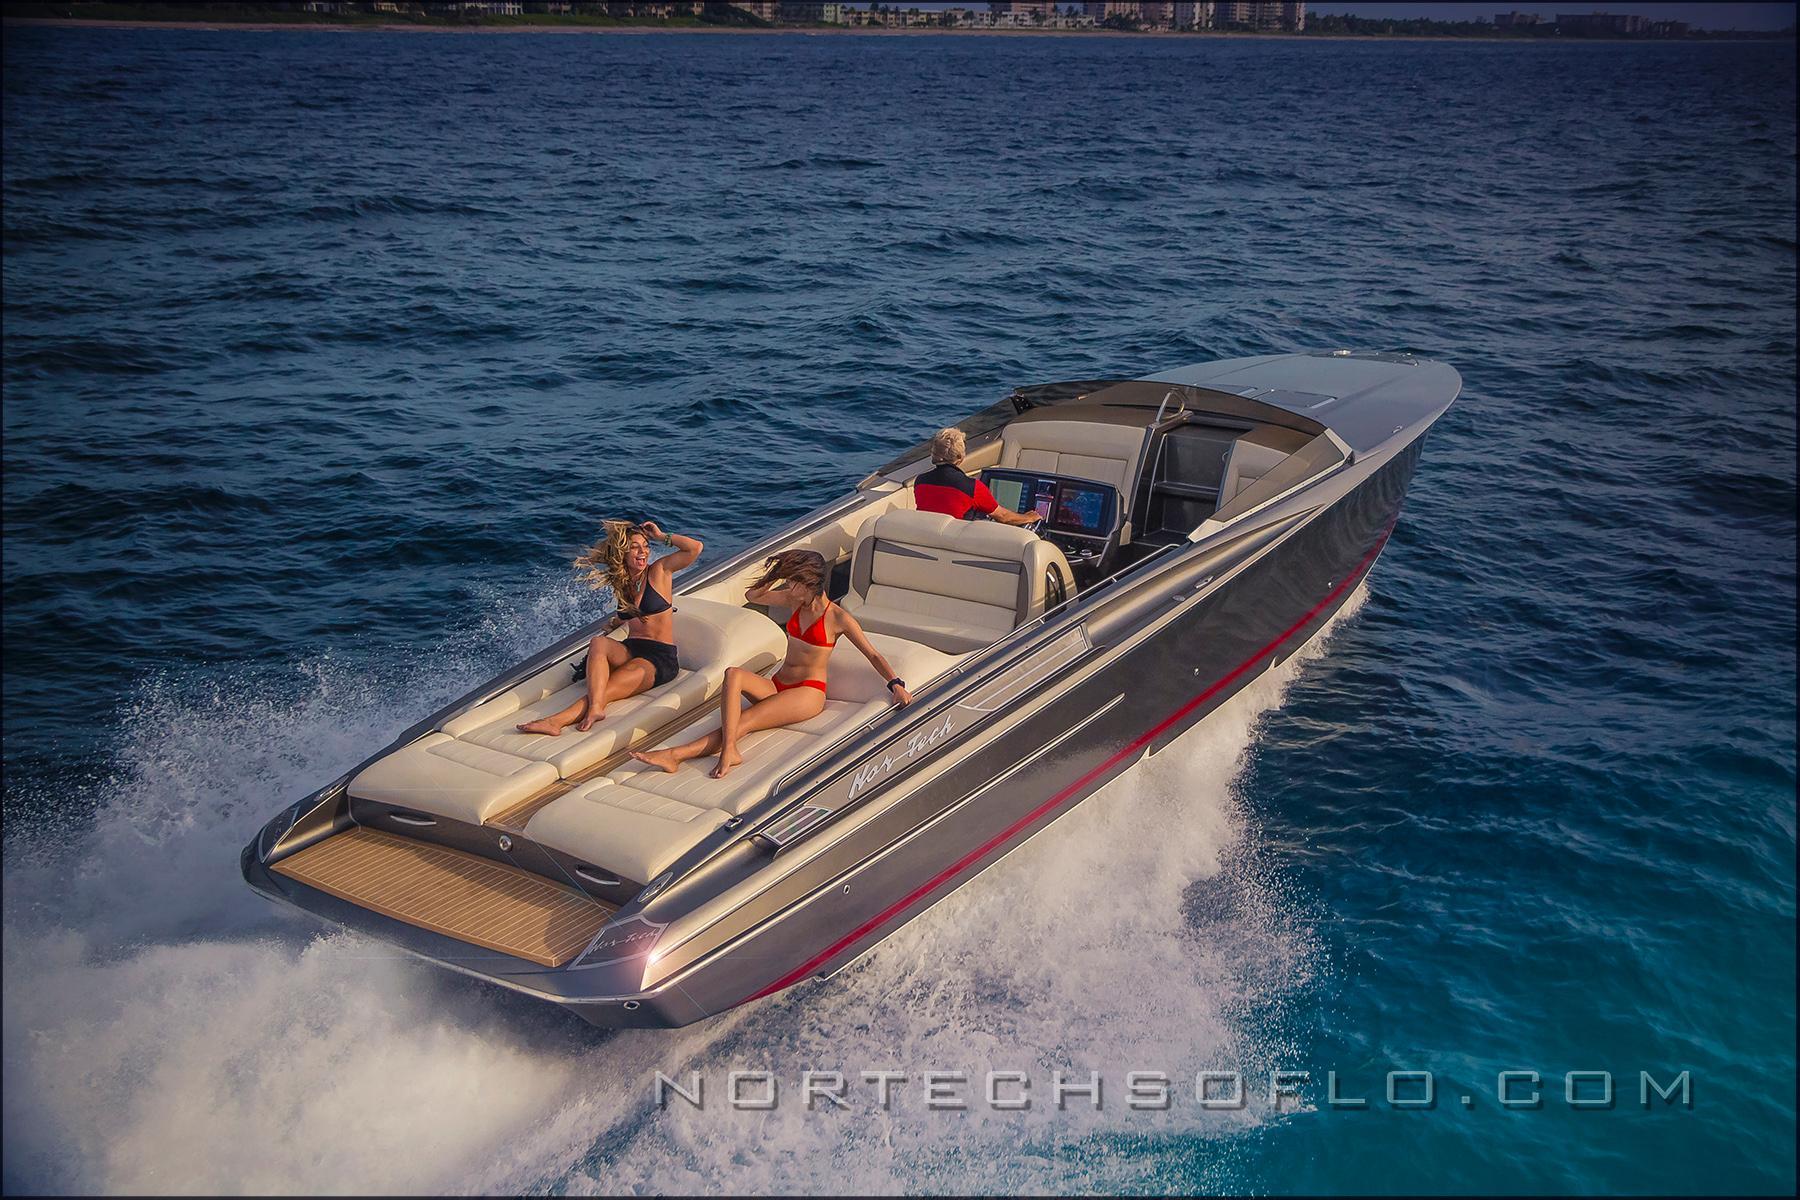 2019 Nor Tech 420 Monte Carlo Power Boat For Sale Www